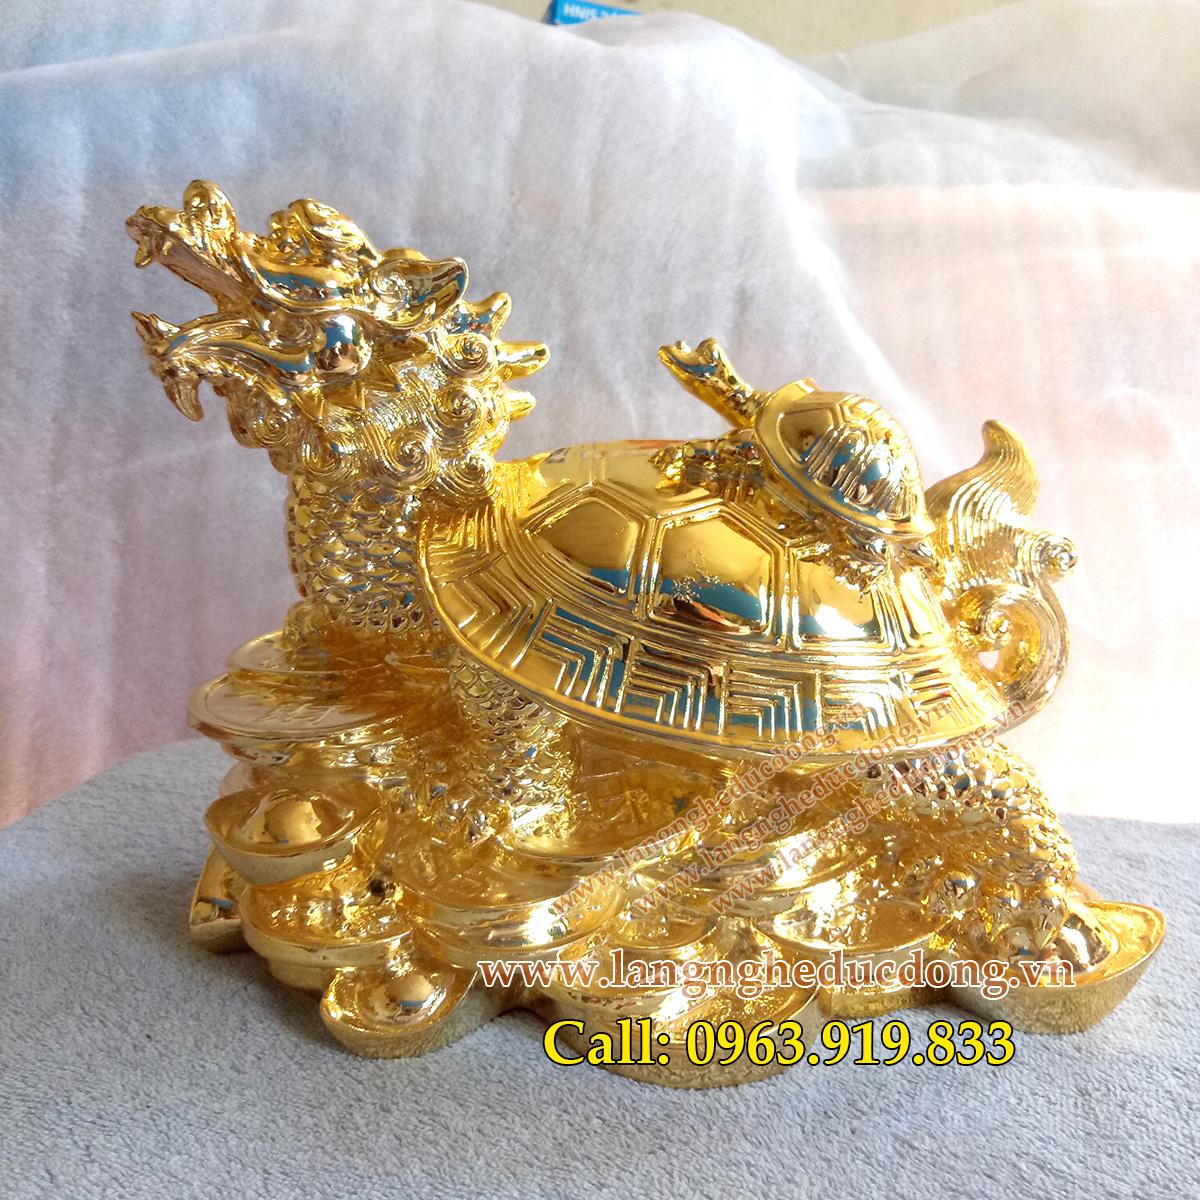 langngheducdong.vn - tượng đồng, rùa đồng, long quy, tượng mạ vàng